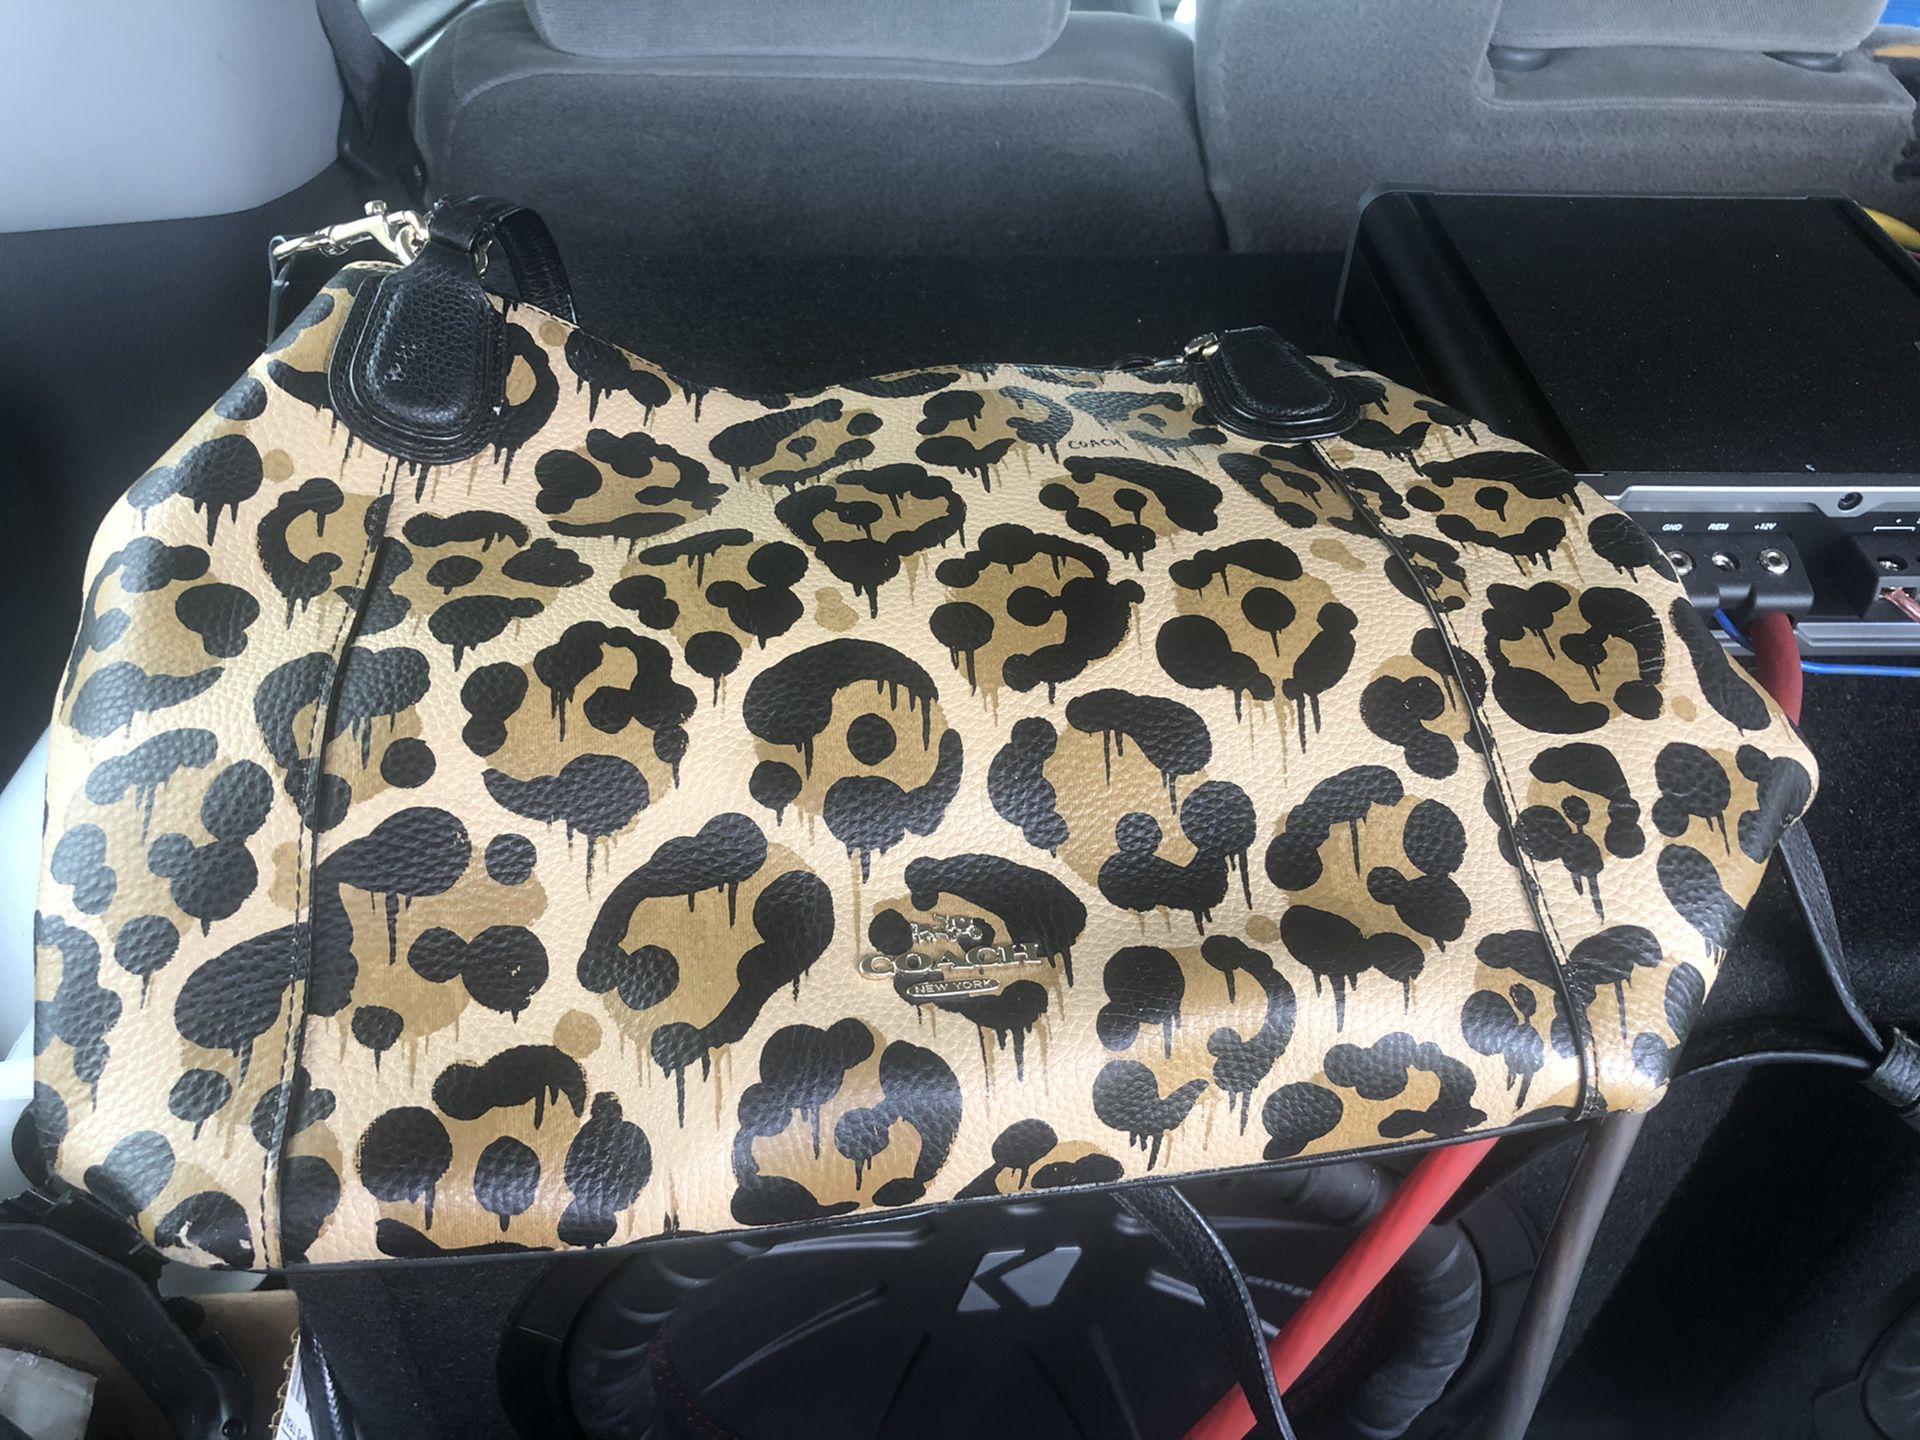 Authentic coach purses